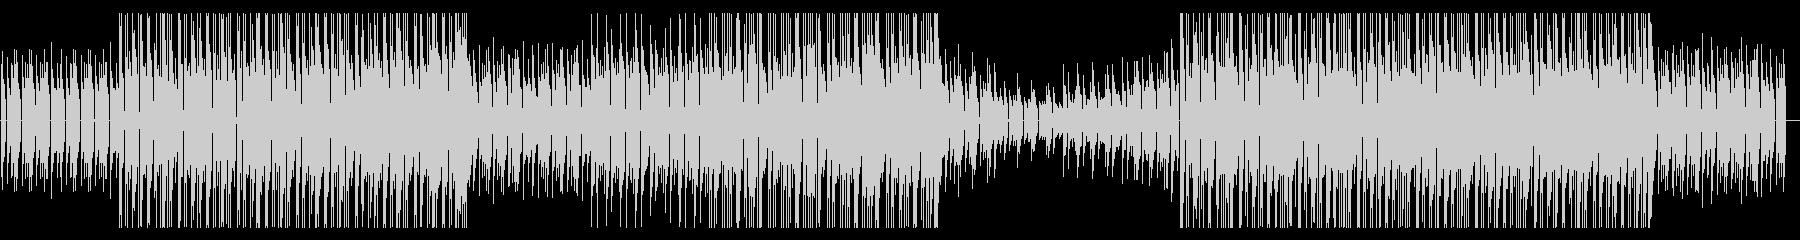 ピアノループが印象的なインストの未再生の波形